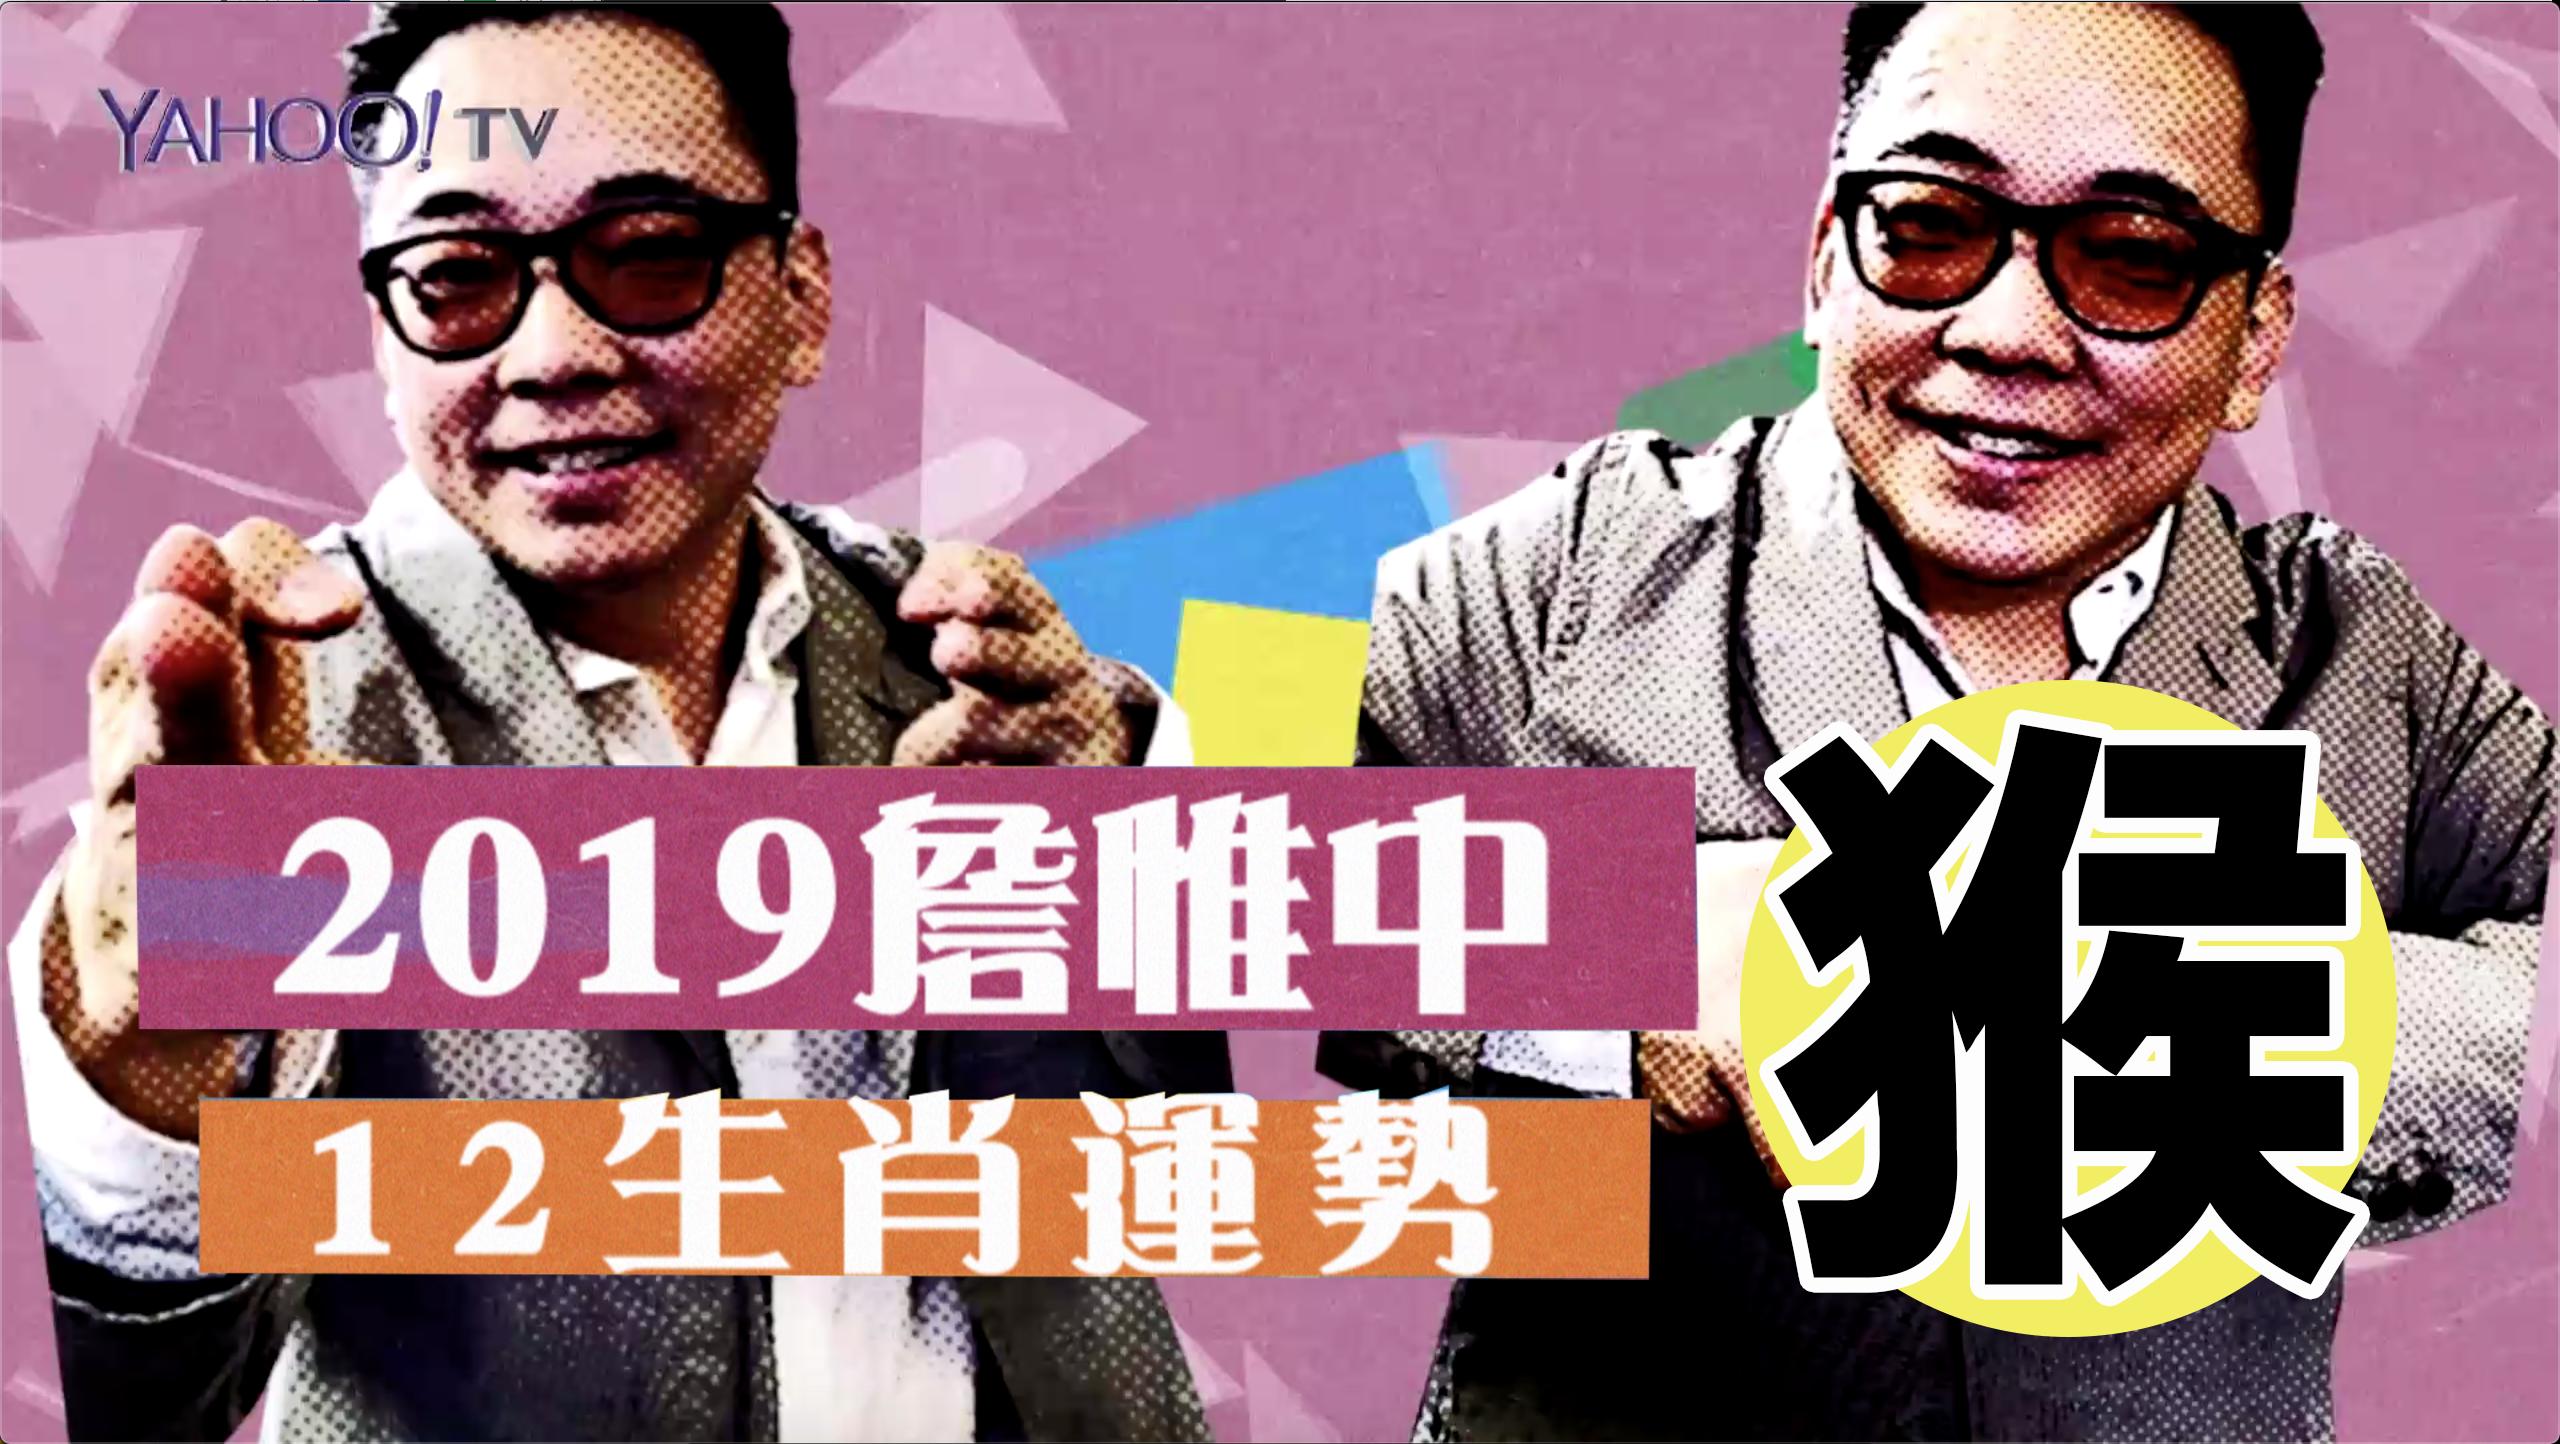 【猴】2019 流年整體運勢 - 詹惟中生肖運勢